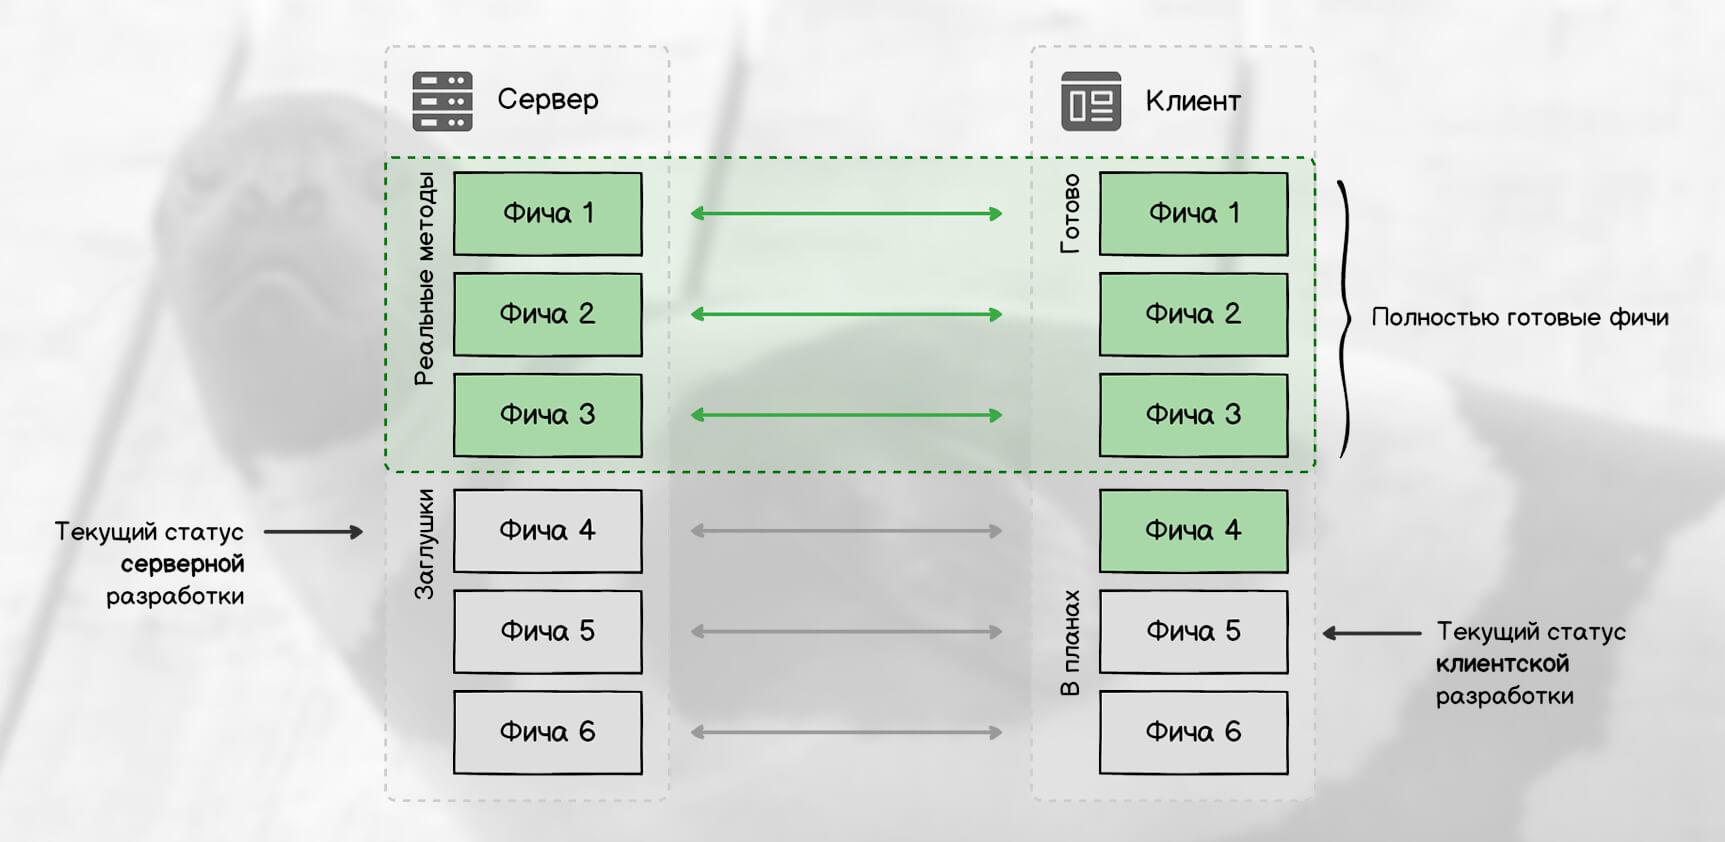 Схематичный статус разработки при прототипировании API